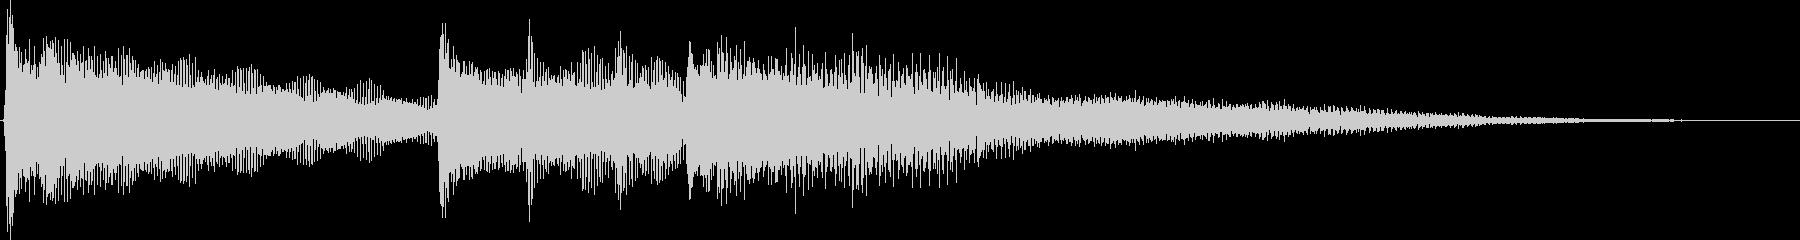 勇敢で優しいピアノジングルBGMの未再生の波形